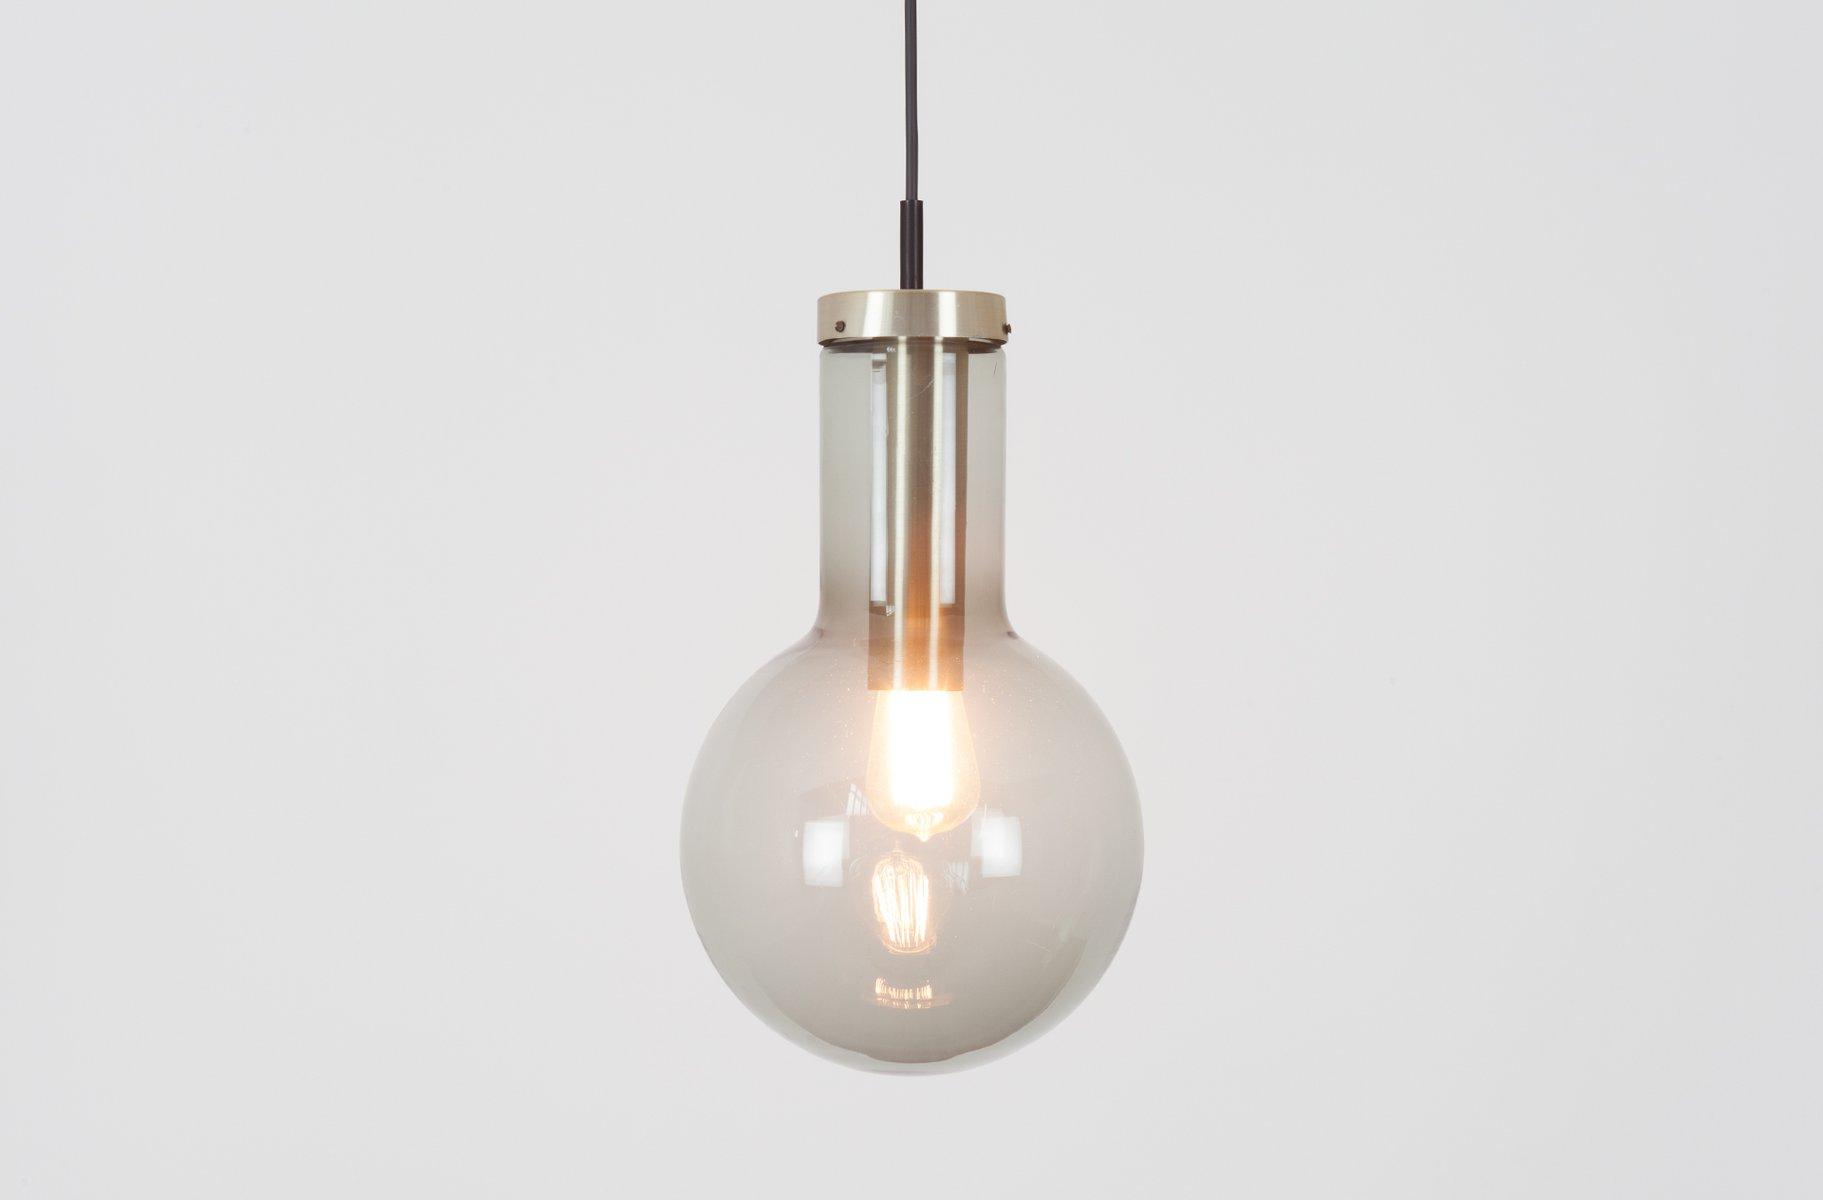 Große Maxi Glühbirne von Raak